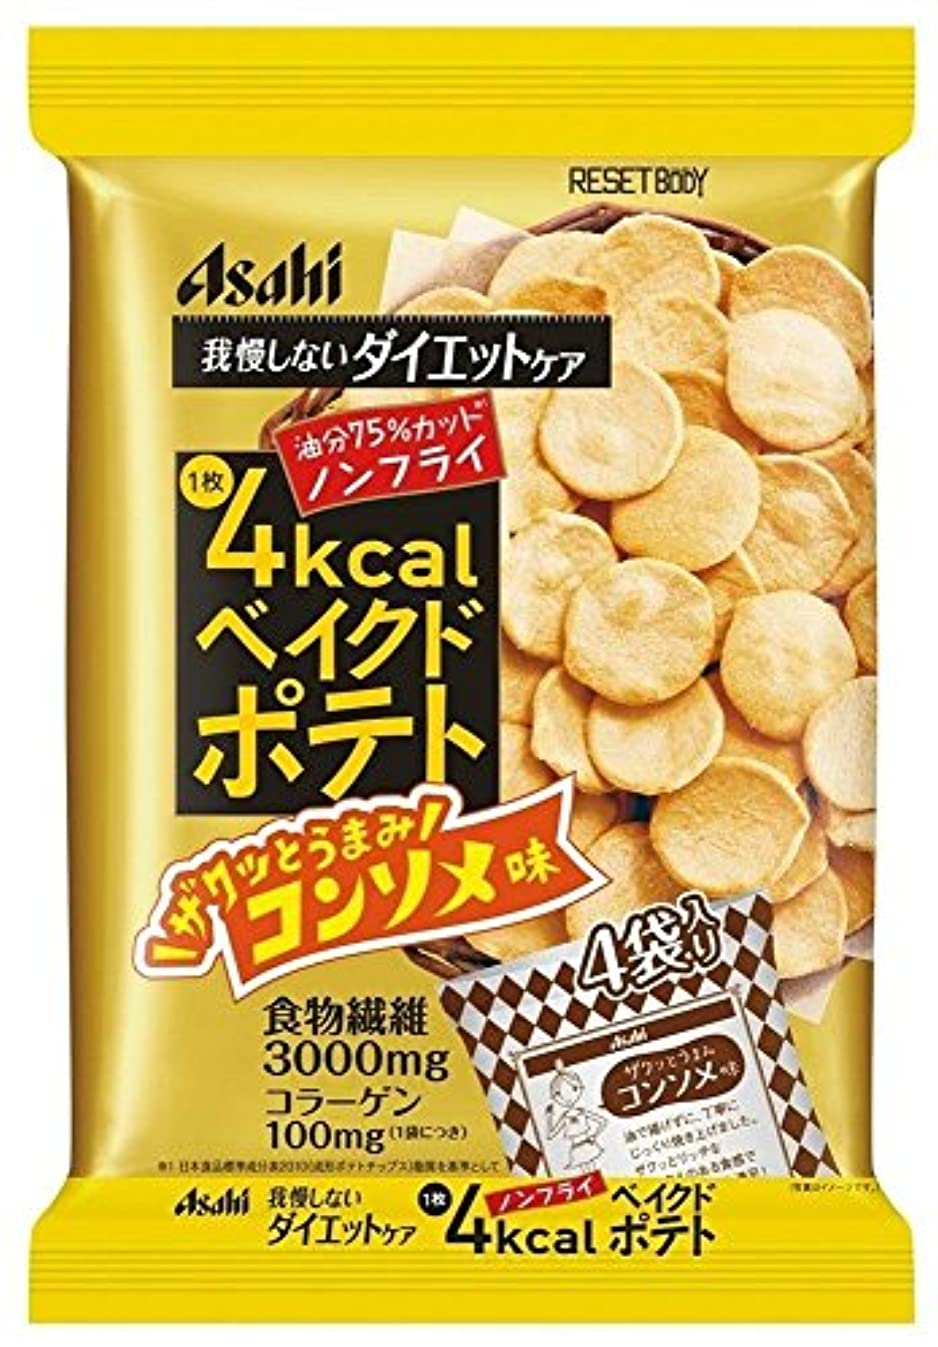 ケージ本を読むコンピューターを使用するアサヒグループ食品 リセットボディ ベイクドポテトコンソメ味 66g